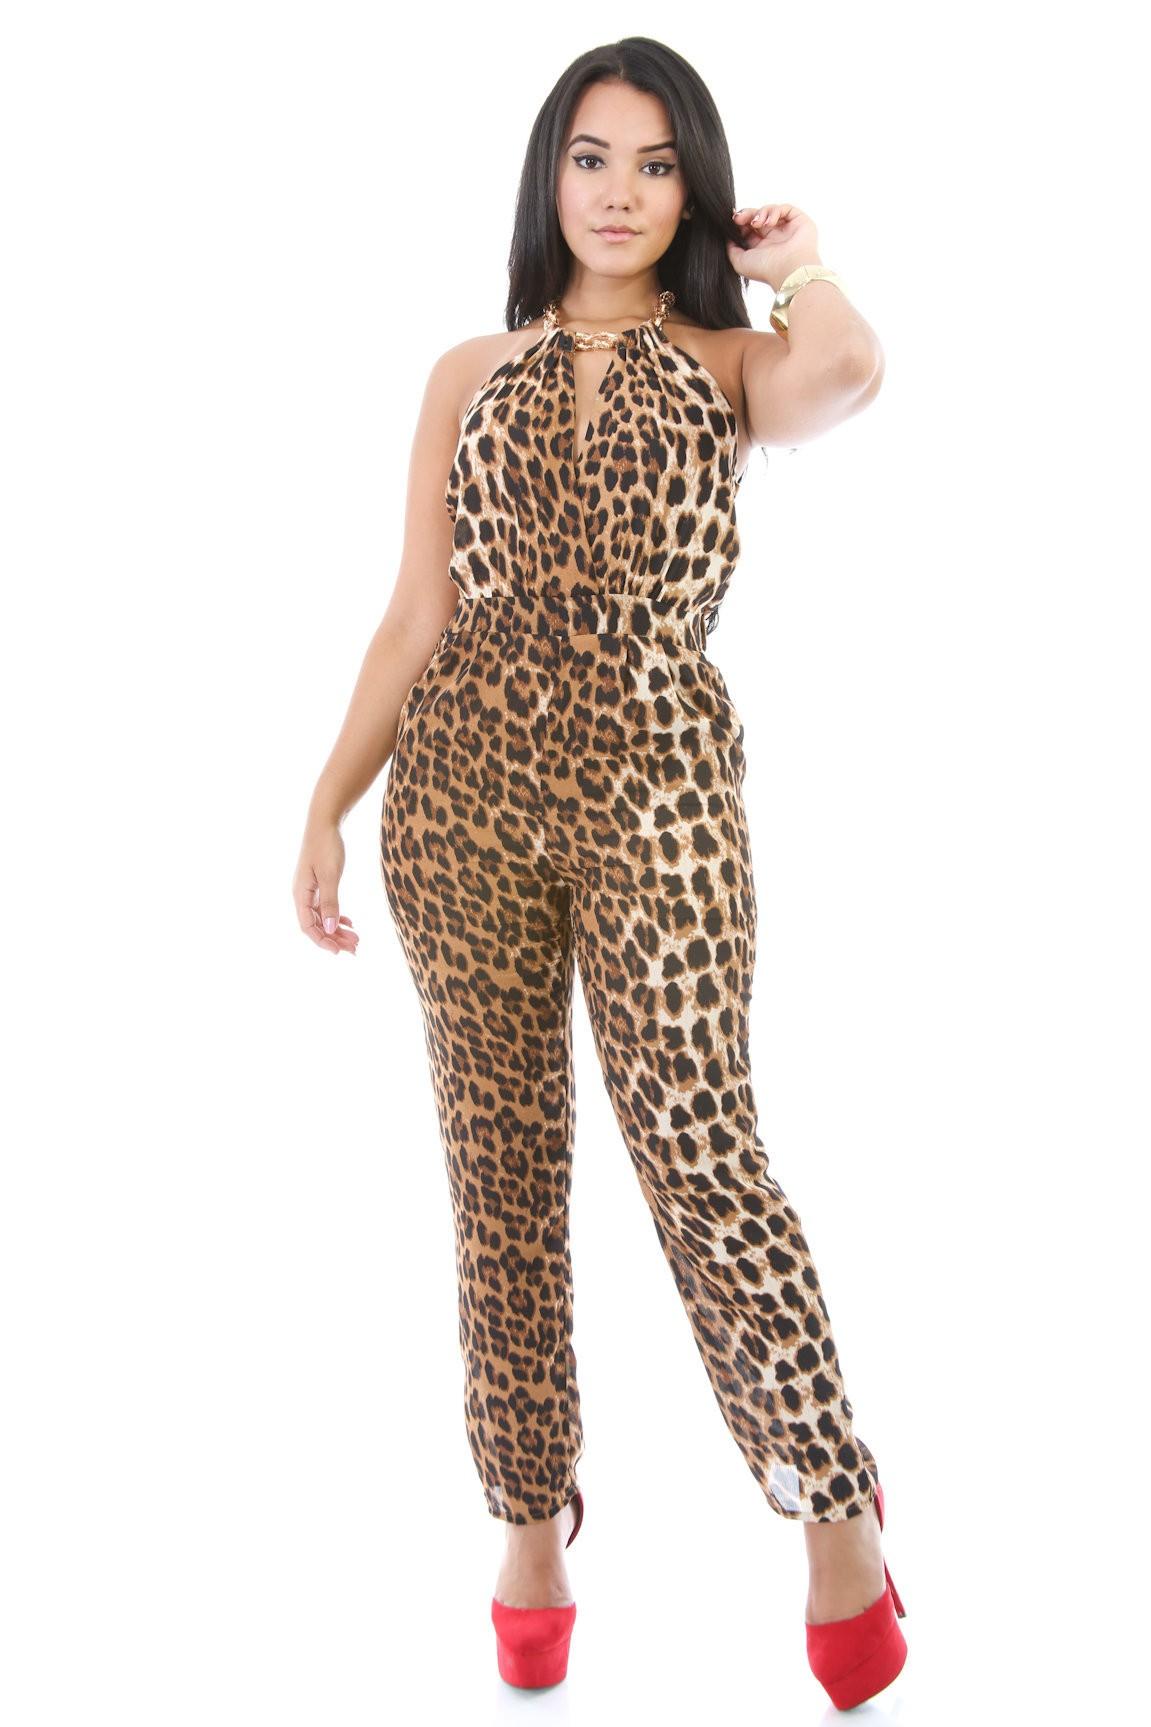 Cheetah Print Jumper